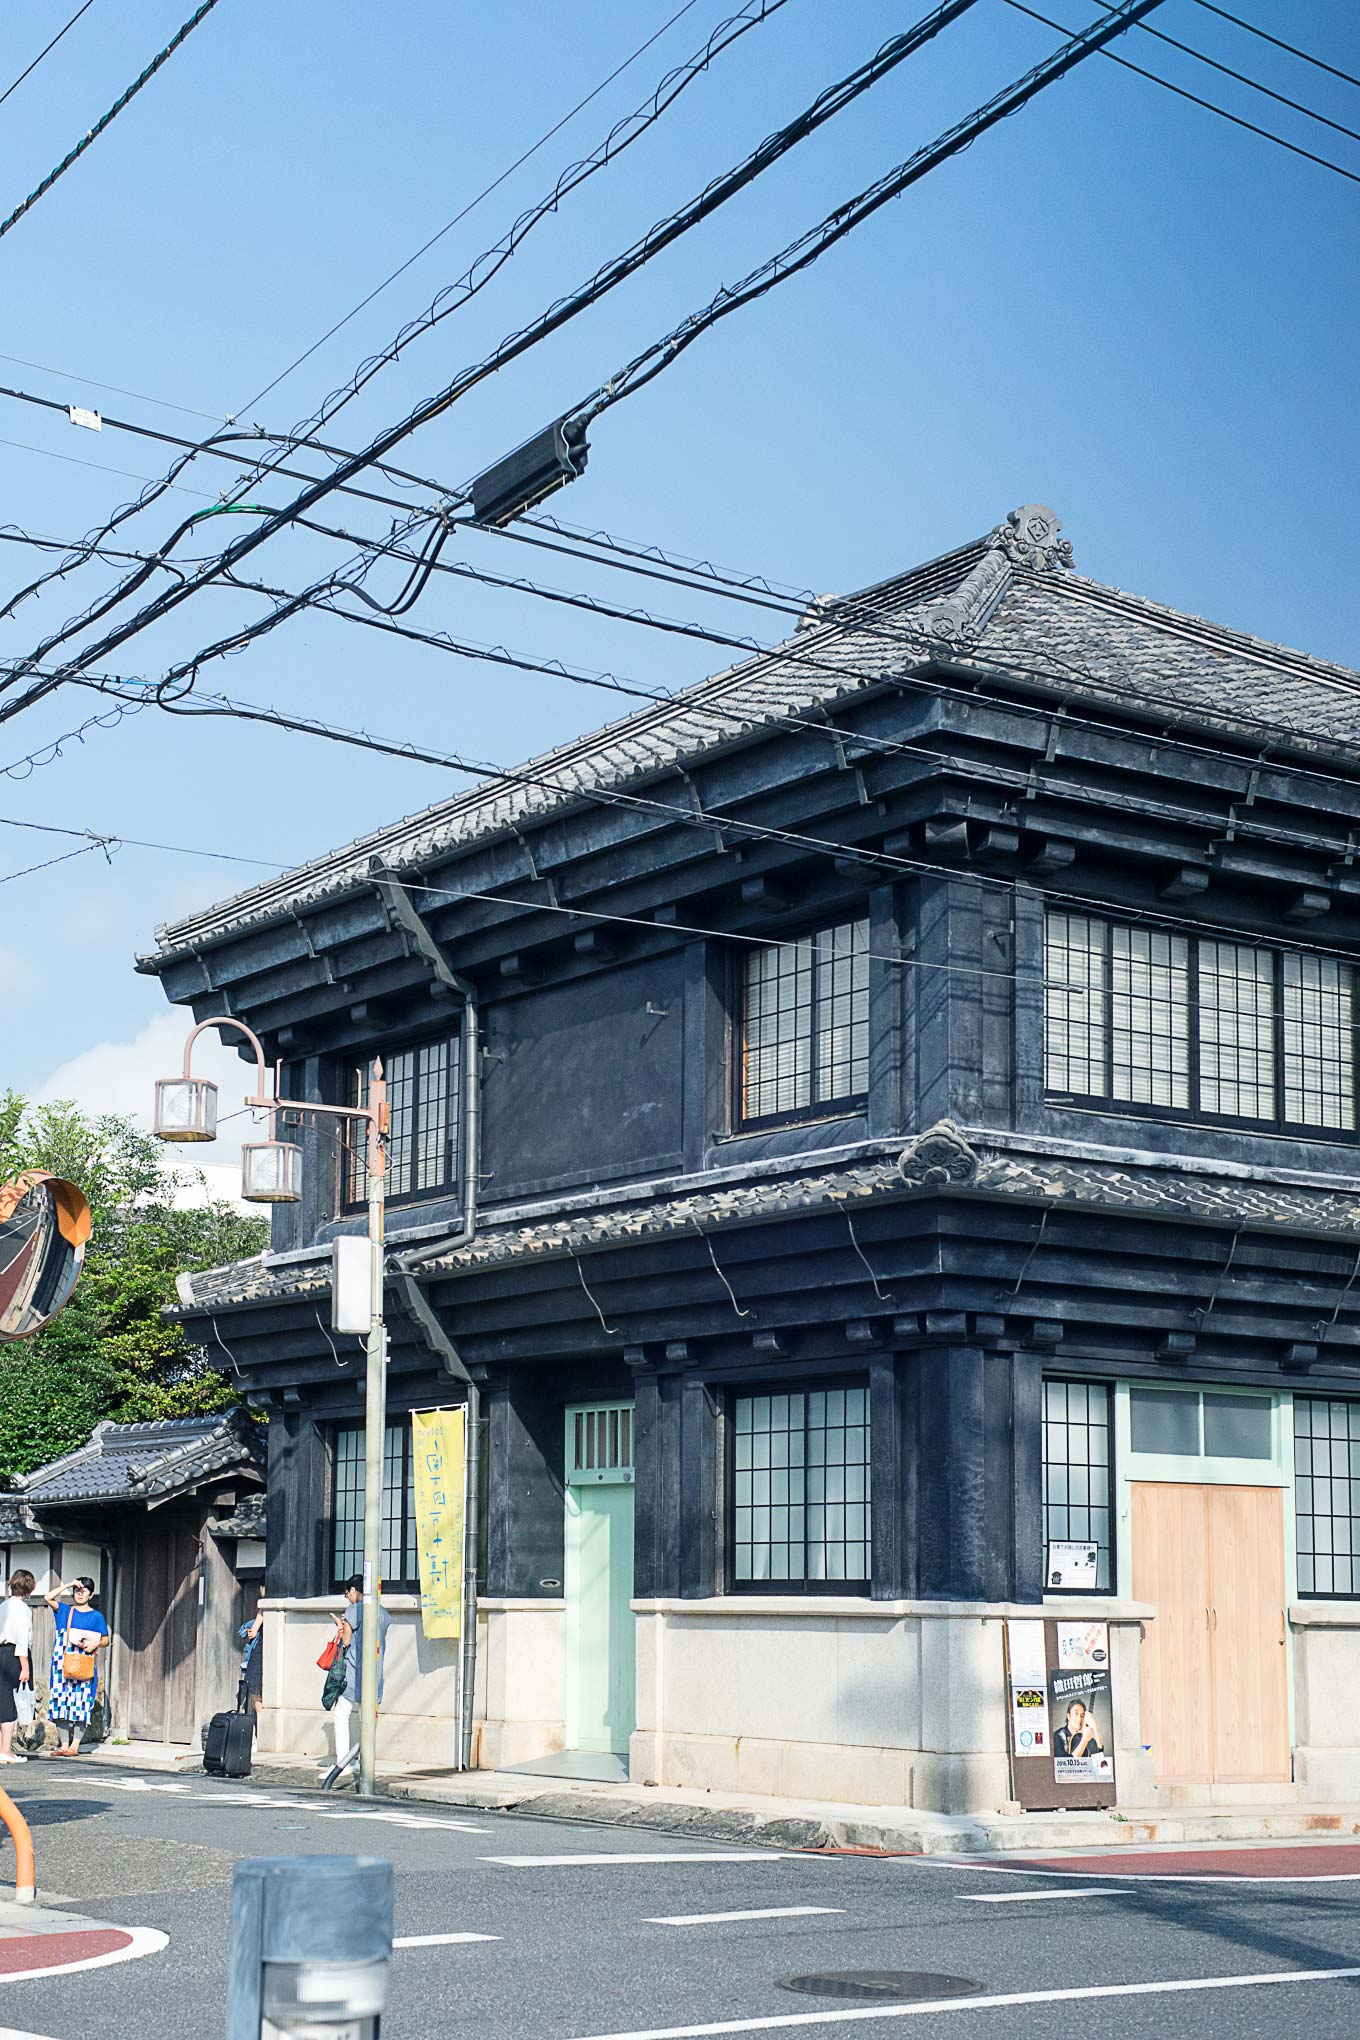 shikoku-jyoshikai-128